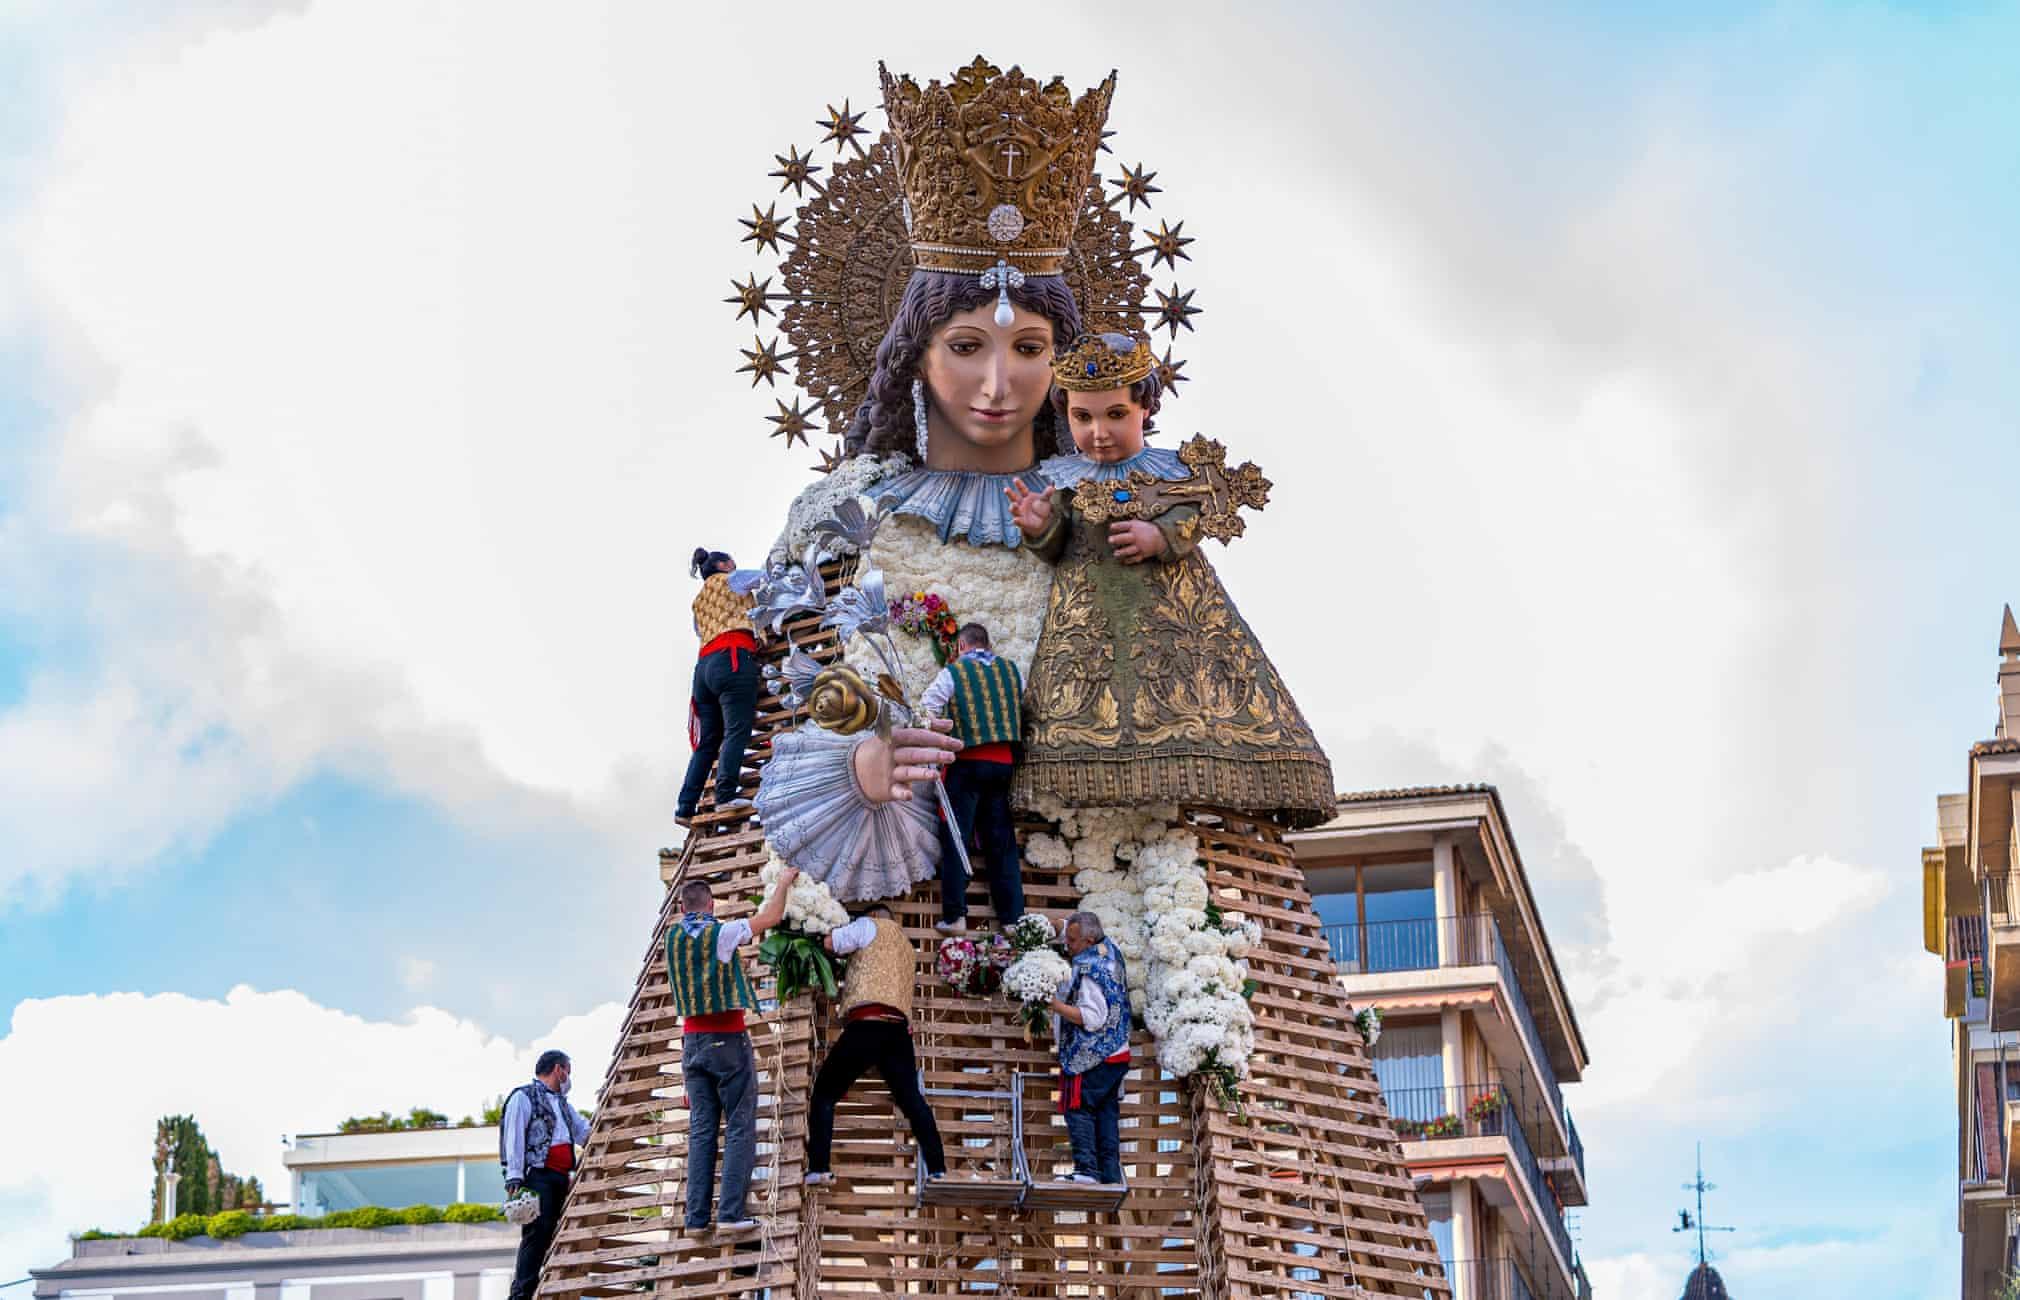 مجسمه مریم مقدس در اسپانیا + عکس